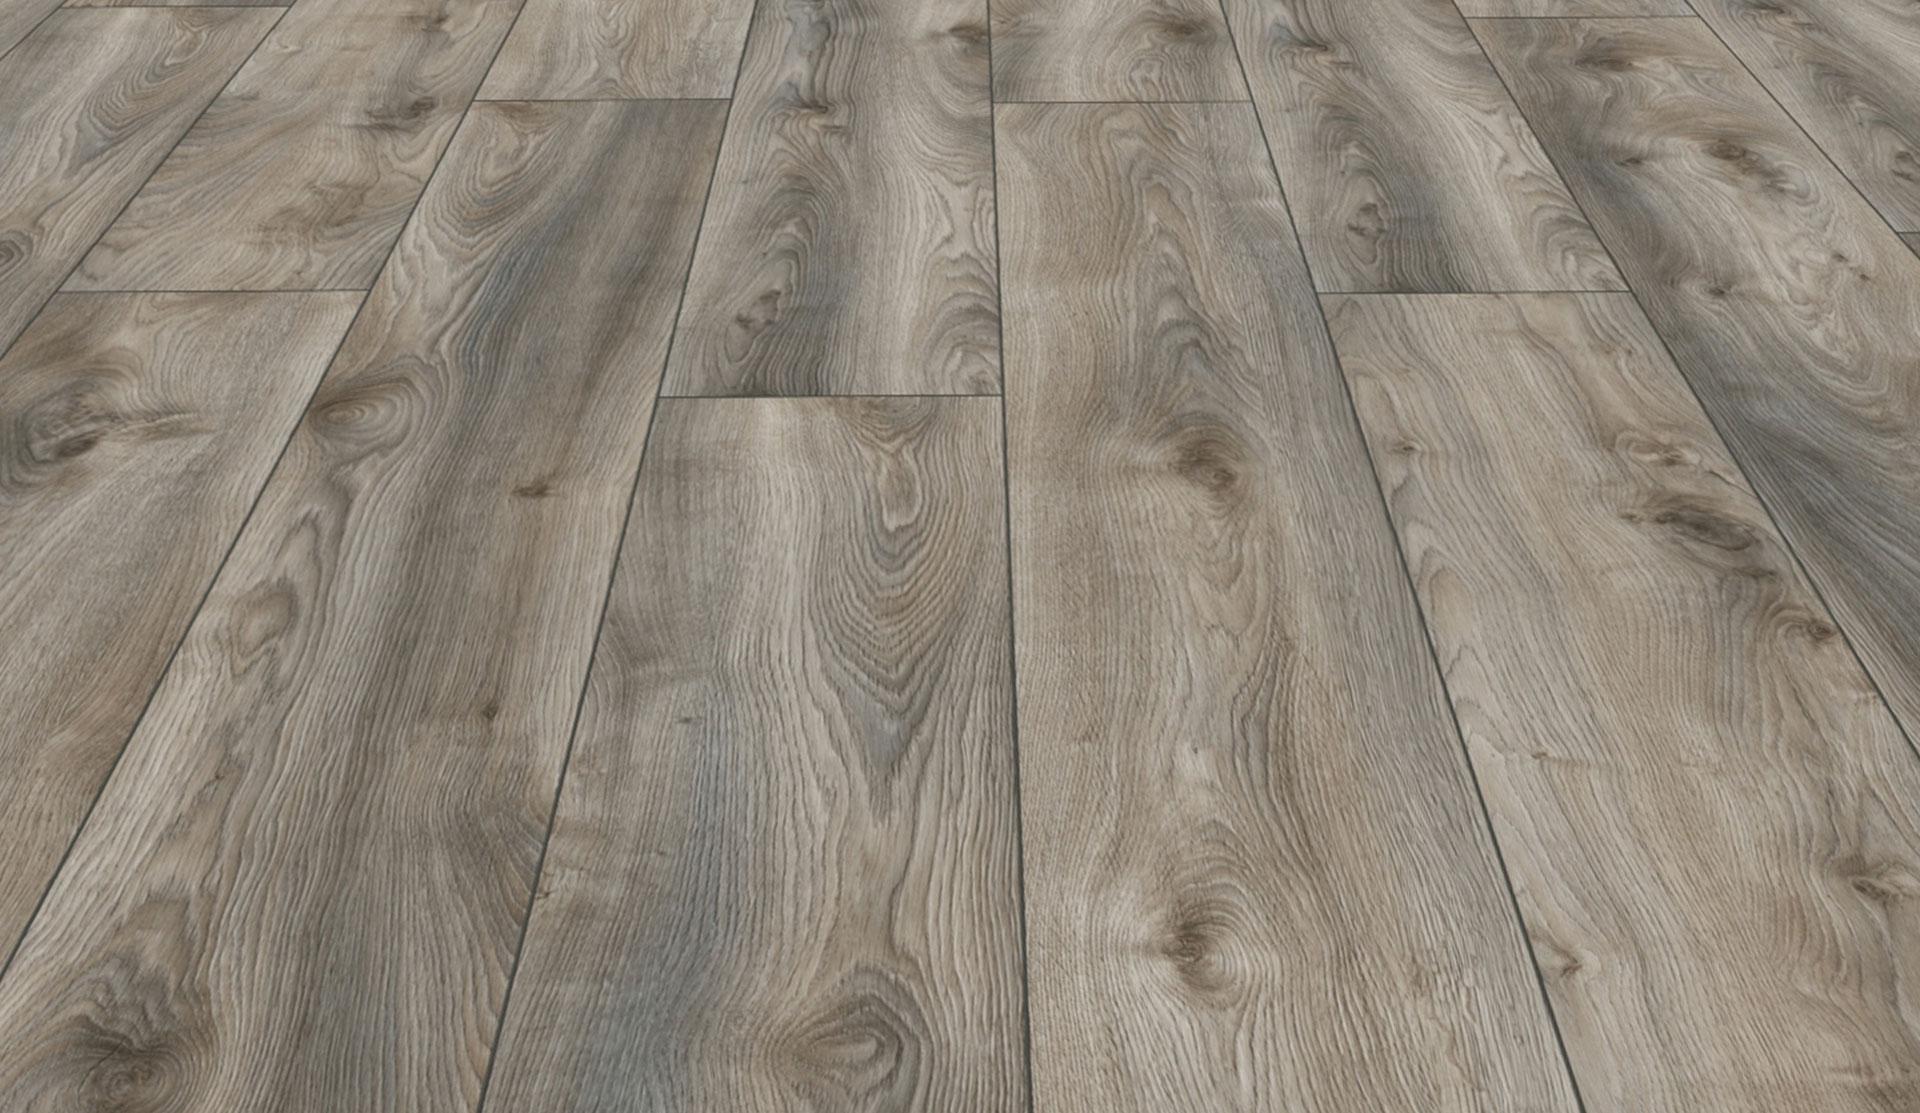 Riscaldamento A Pavimento E Laminato rovere grigio ml1011 pavimento laminato ac5/33 sp.10 mm